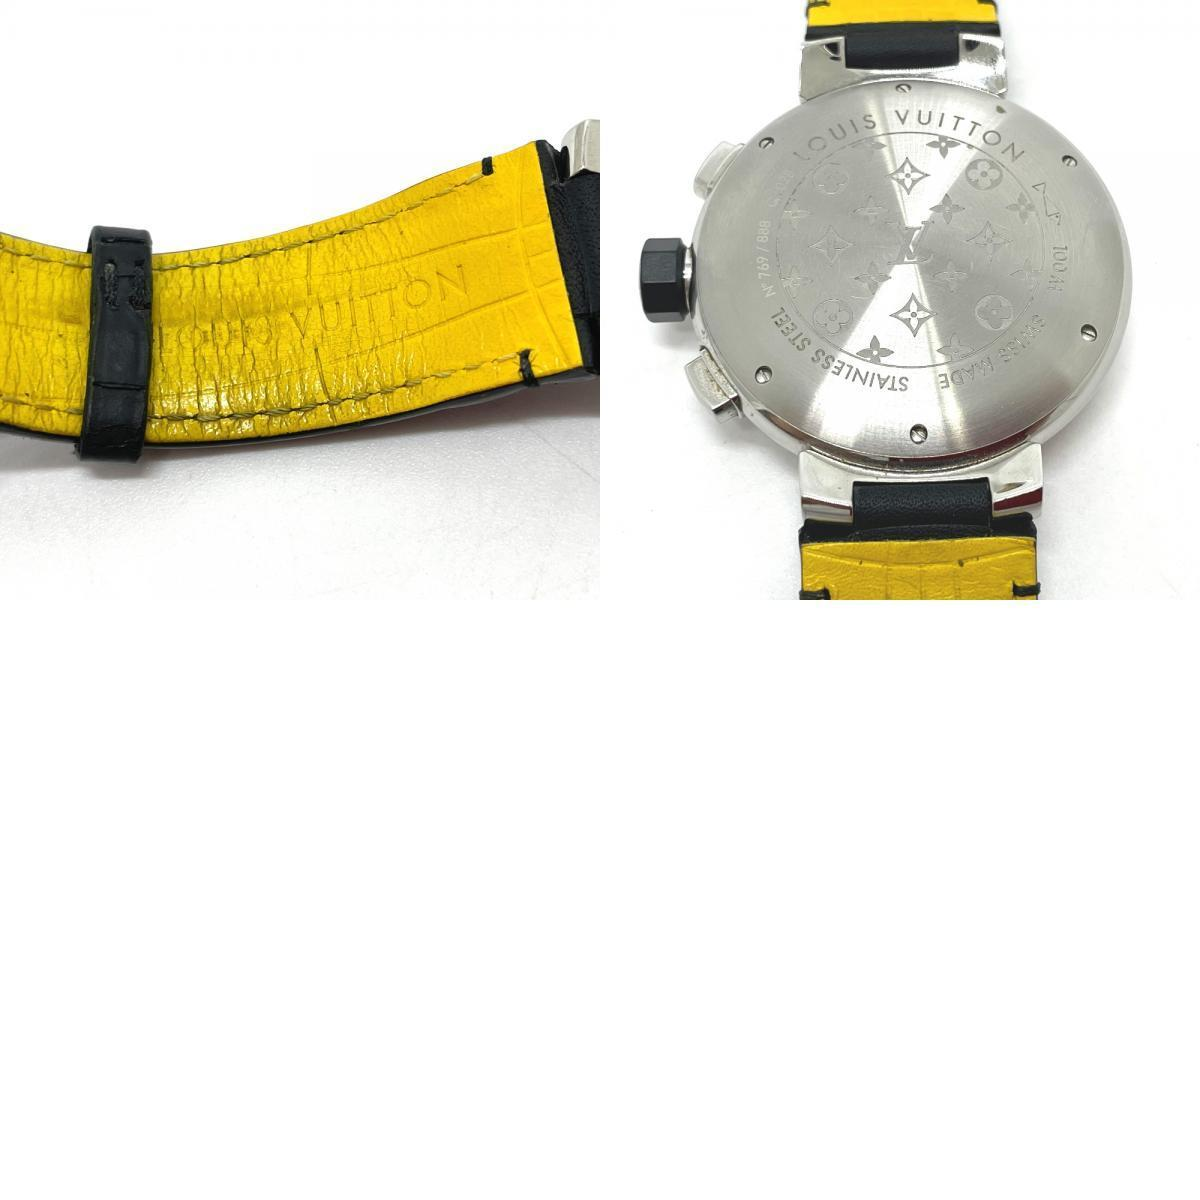 LOUIS VUITTON ルイヴィトン Q102B クロノグラフ タンブール フライバック 自動巻き メンズ腕時計 SS/革ベルト メンズ シルバー×ブラック_画像9